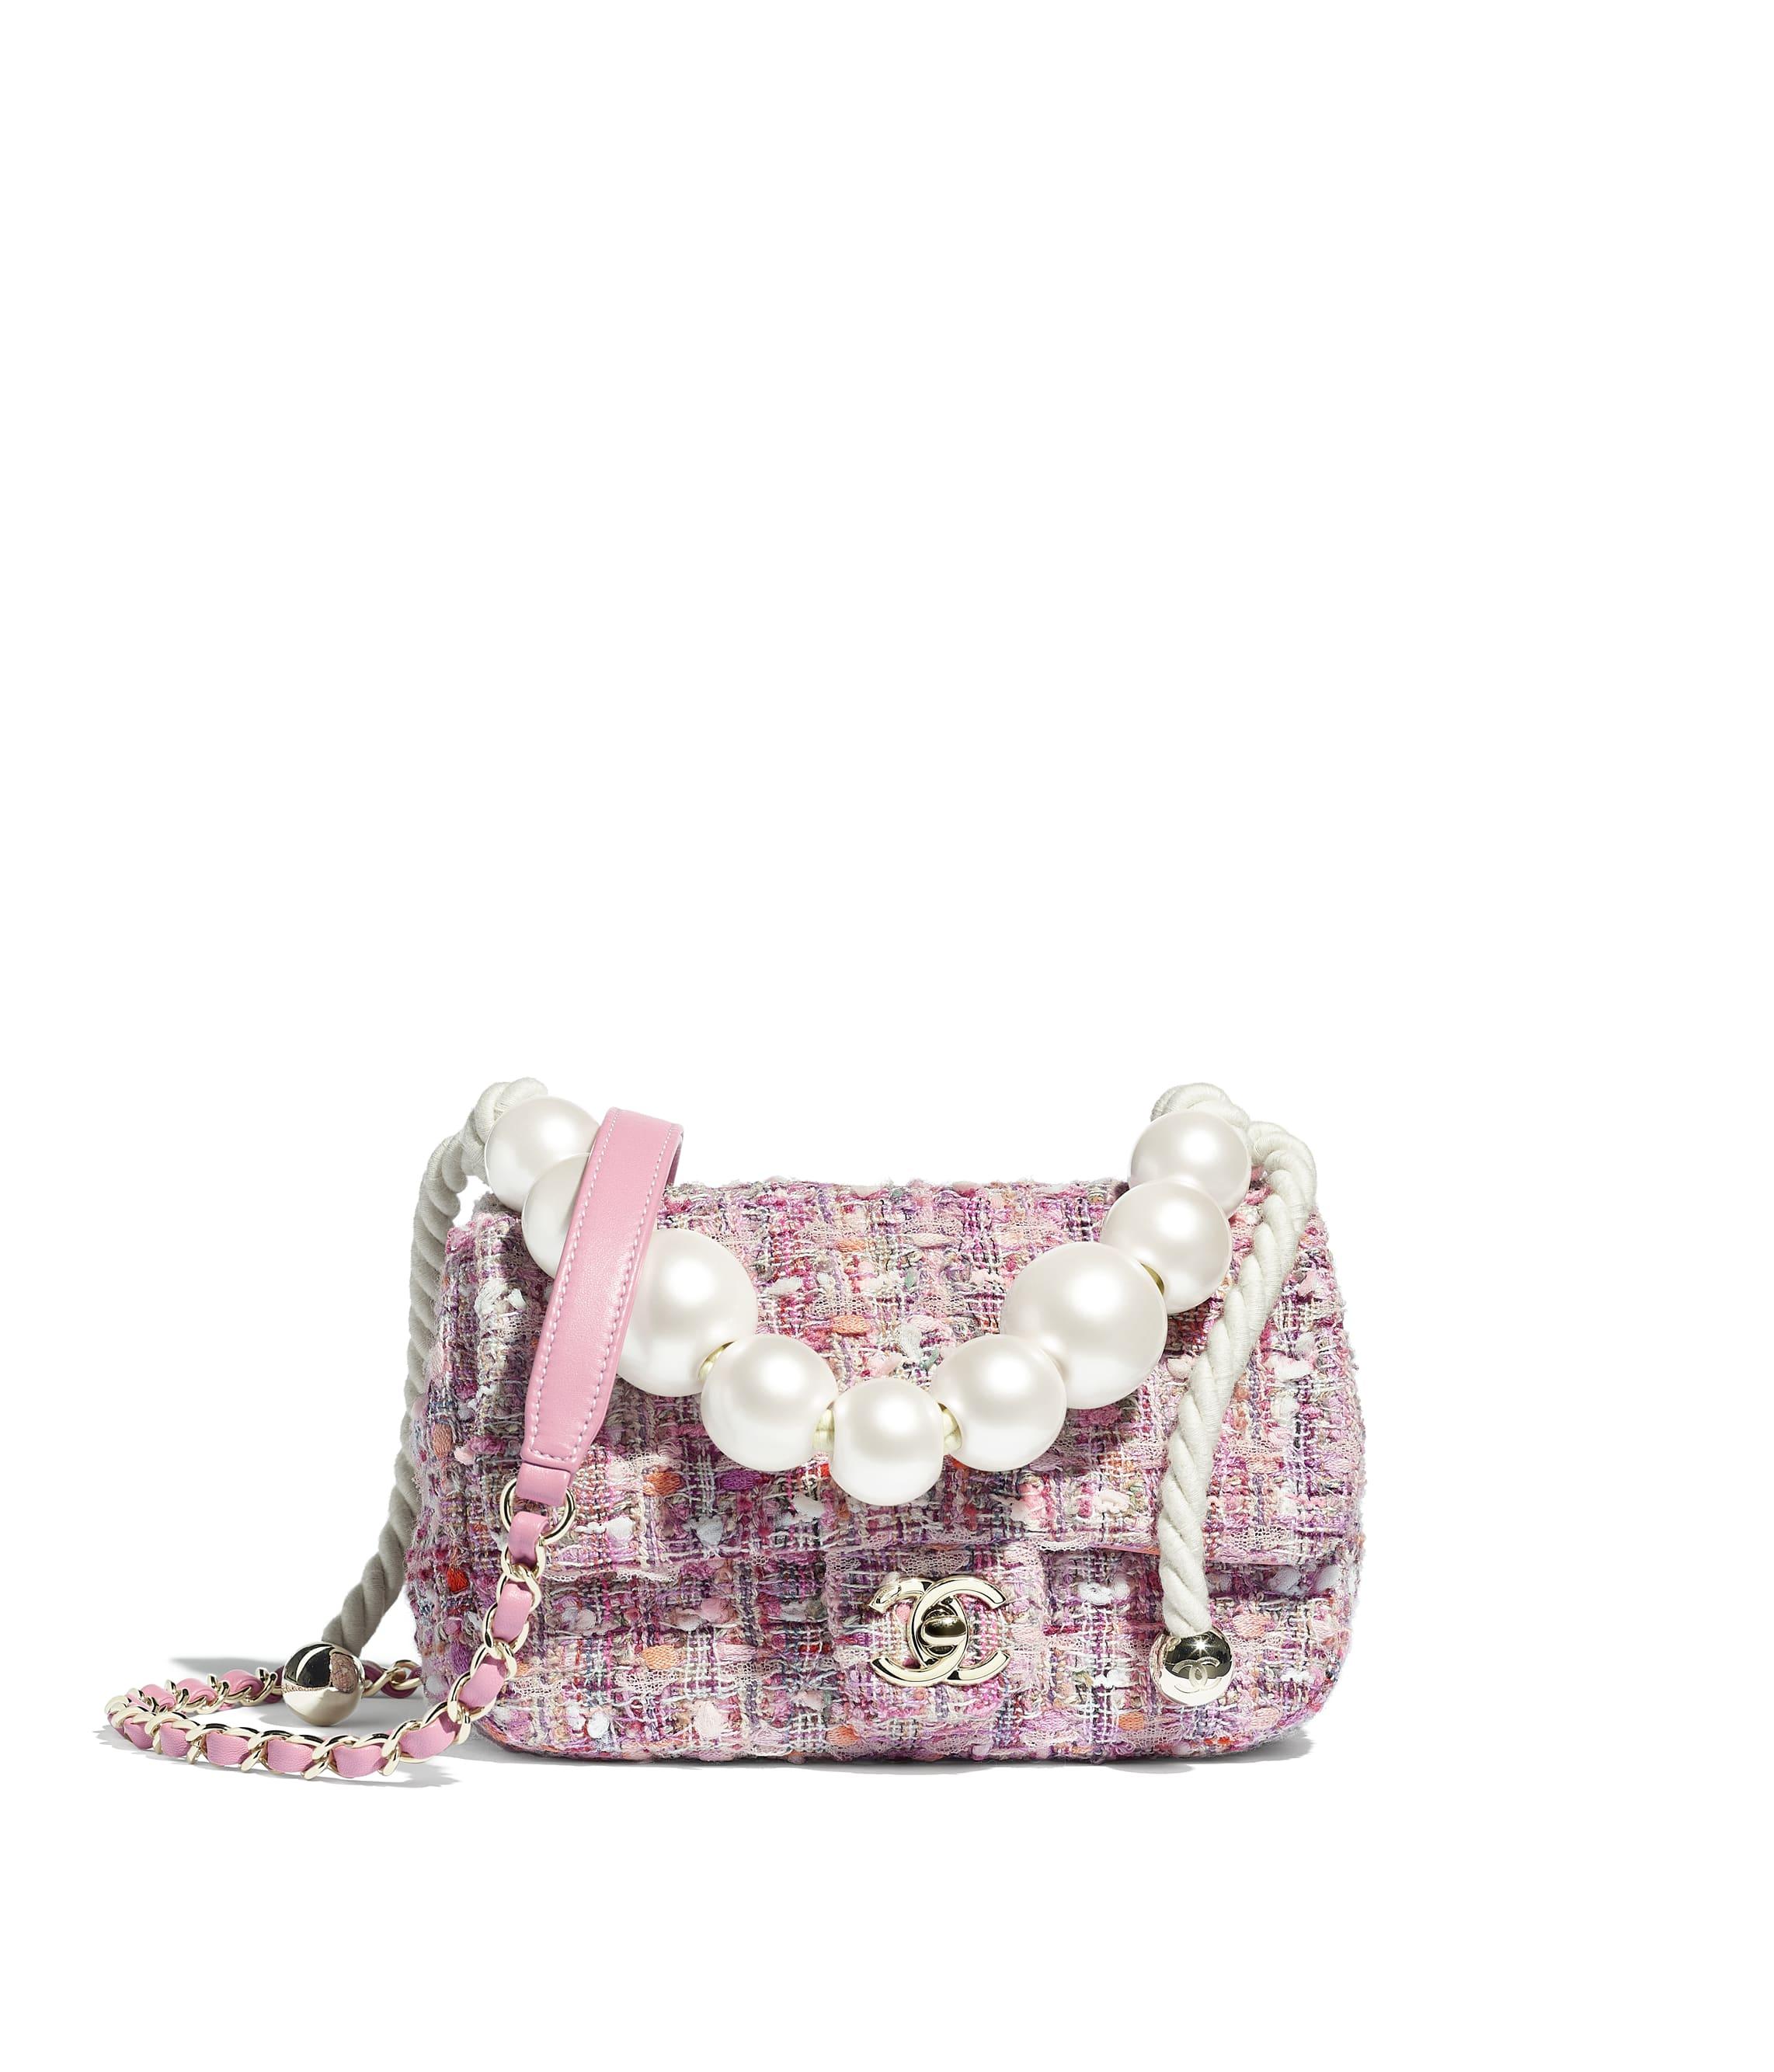 3f7df7a2385b6b Mini Bags - Handbags - CHANEL